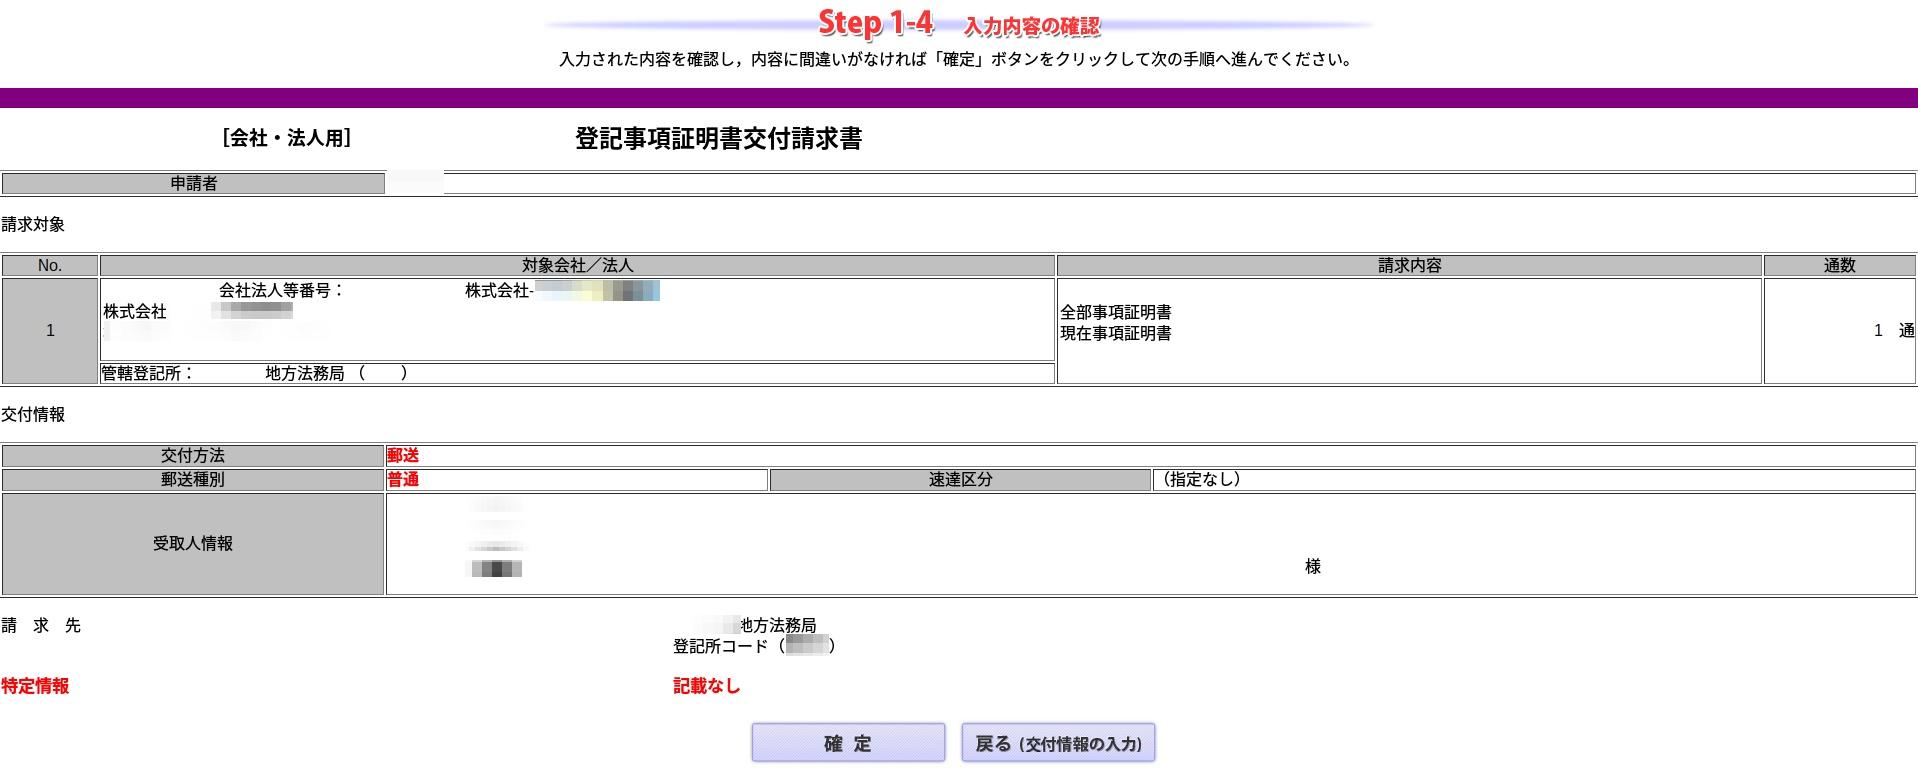 登記供託オンライン申請システム-18